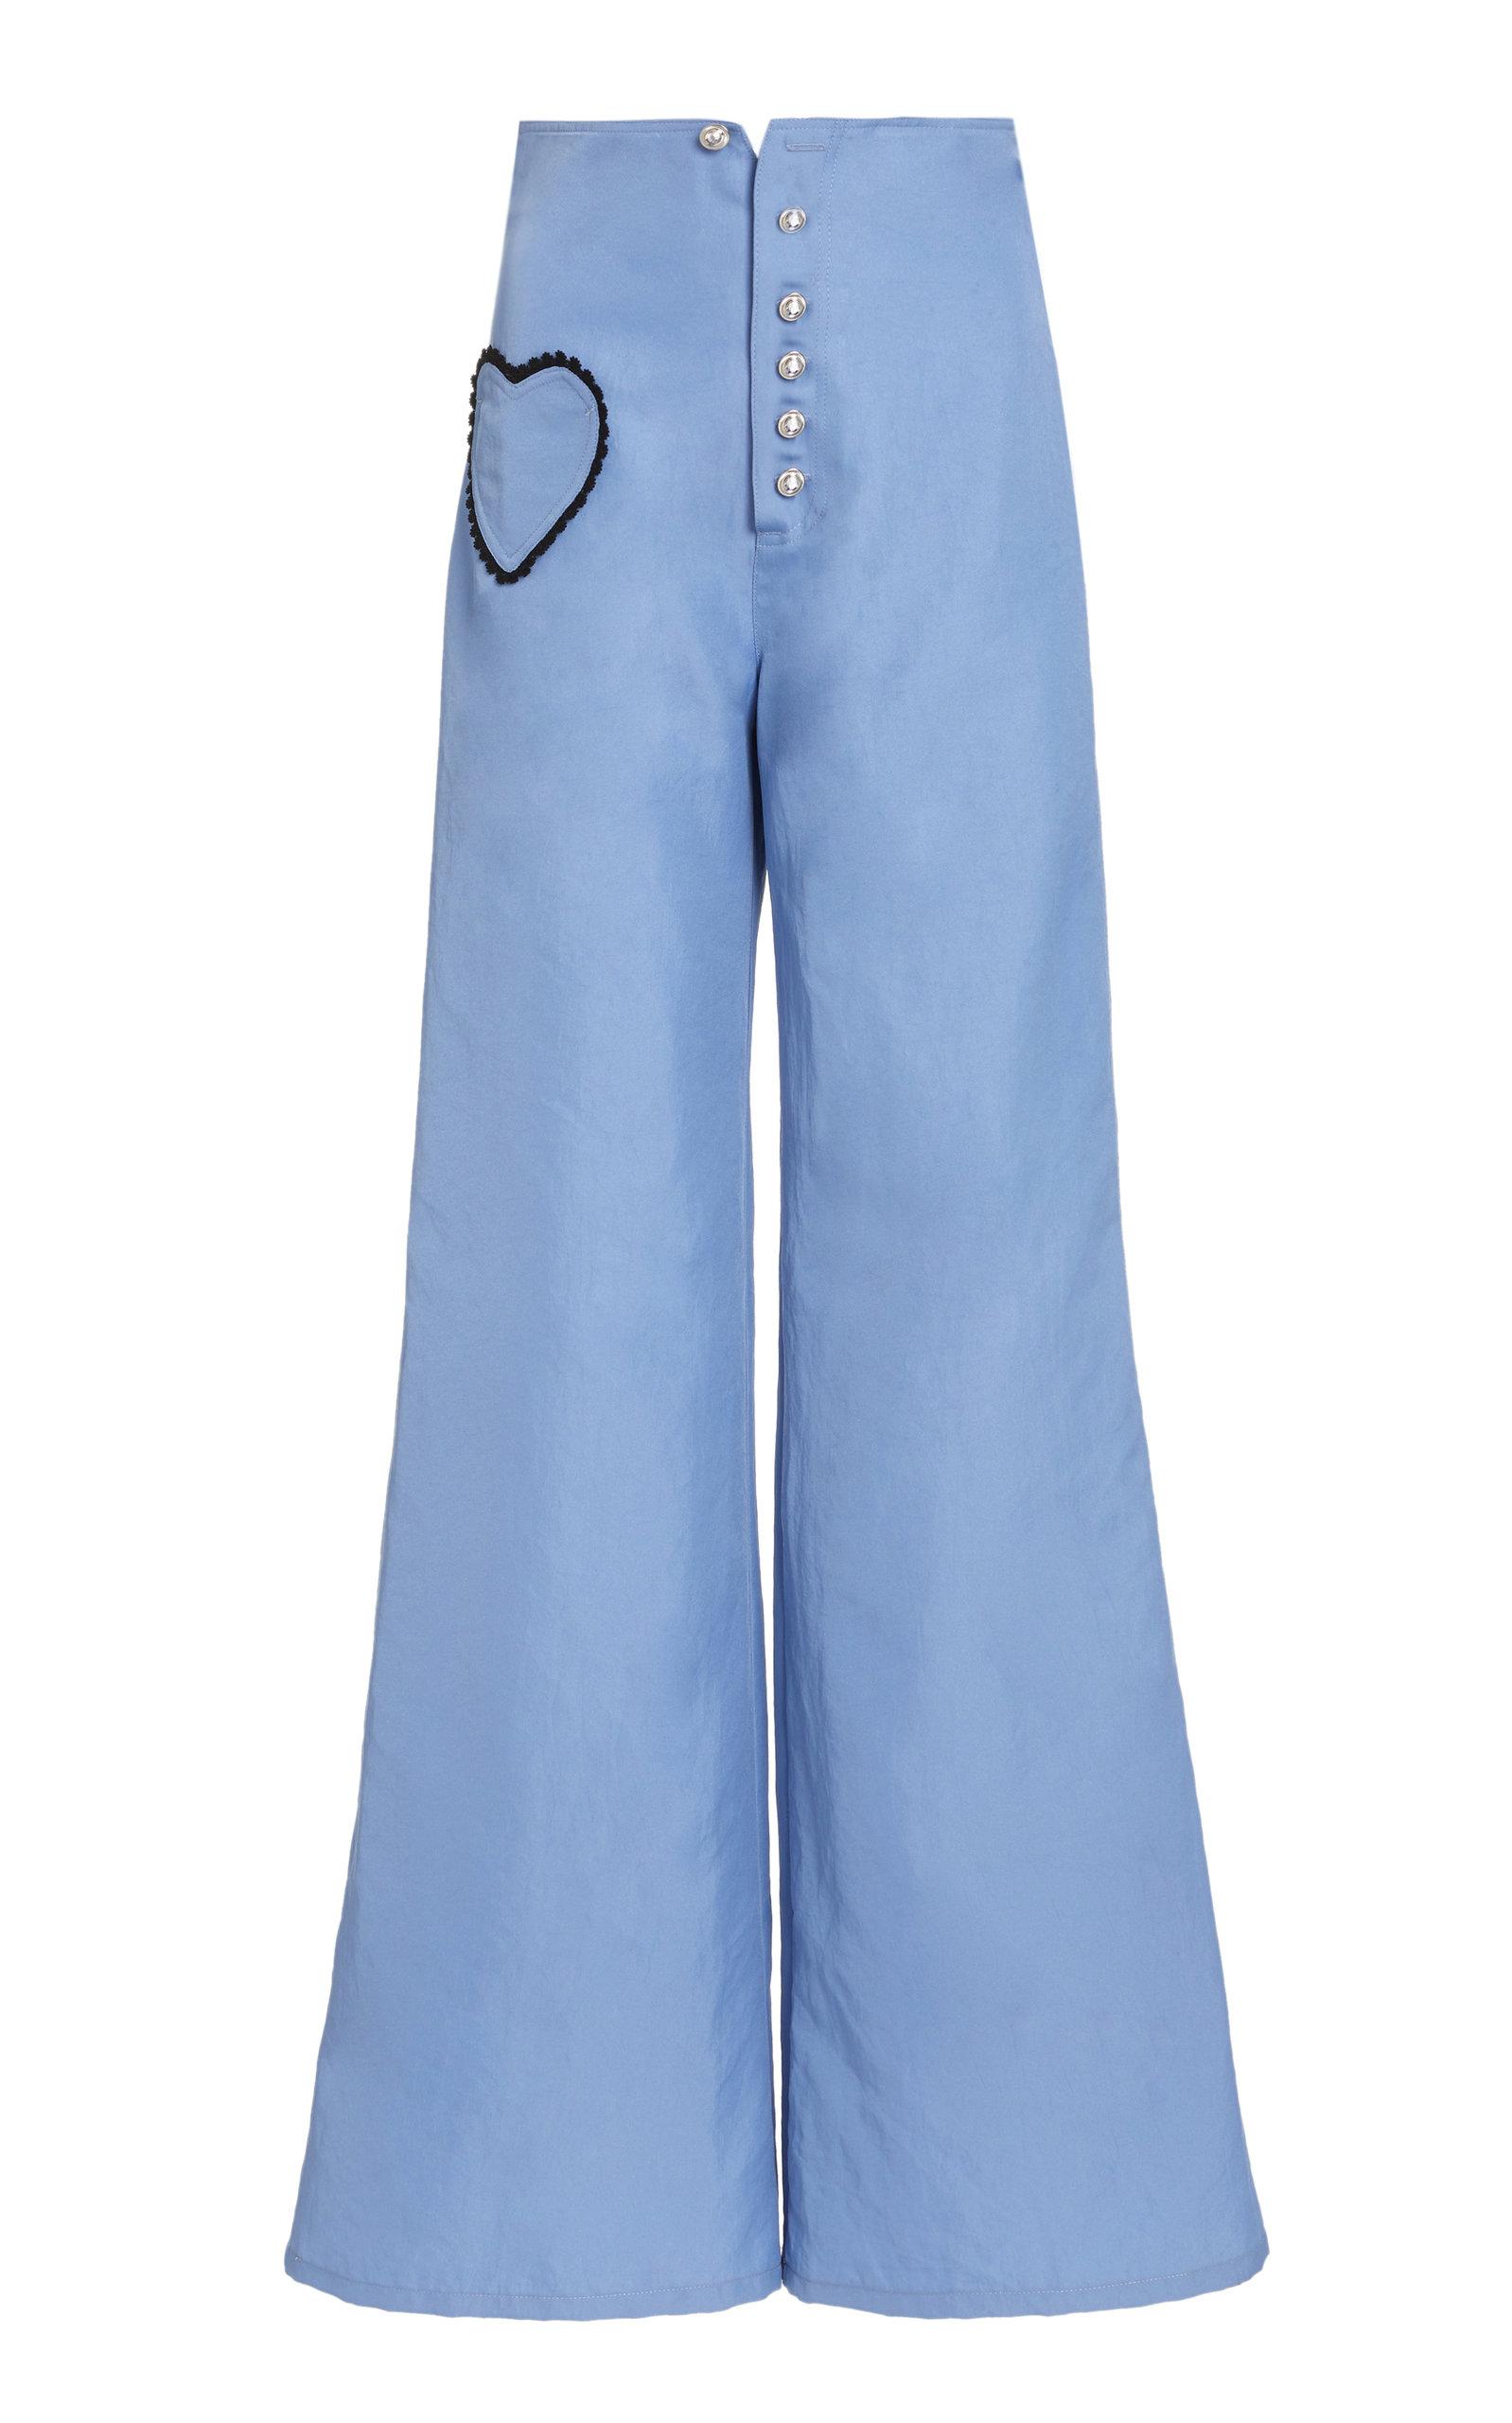 Rodarte Women's Lace Heart Pocket Flared Twill Pants In Medium Blue